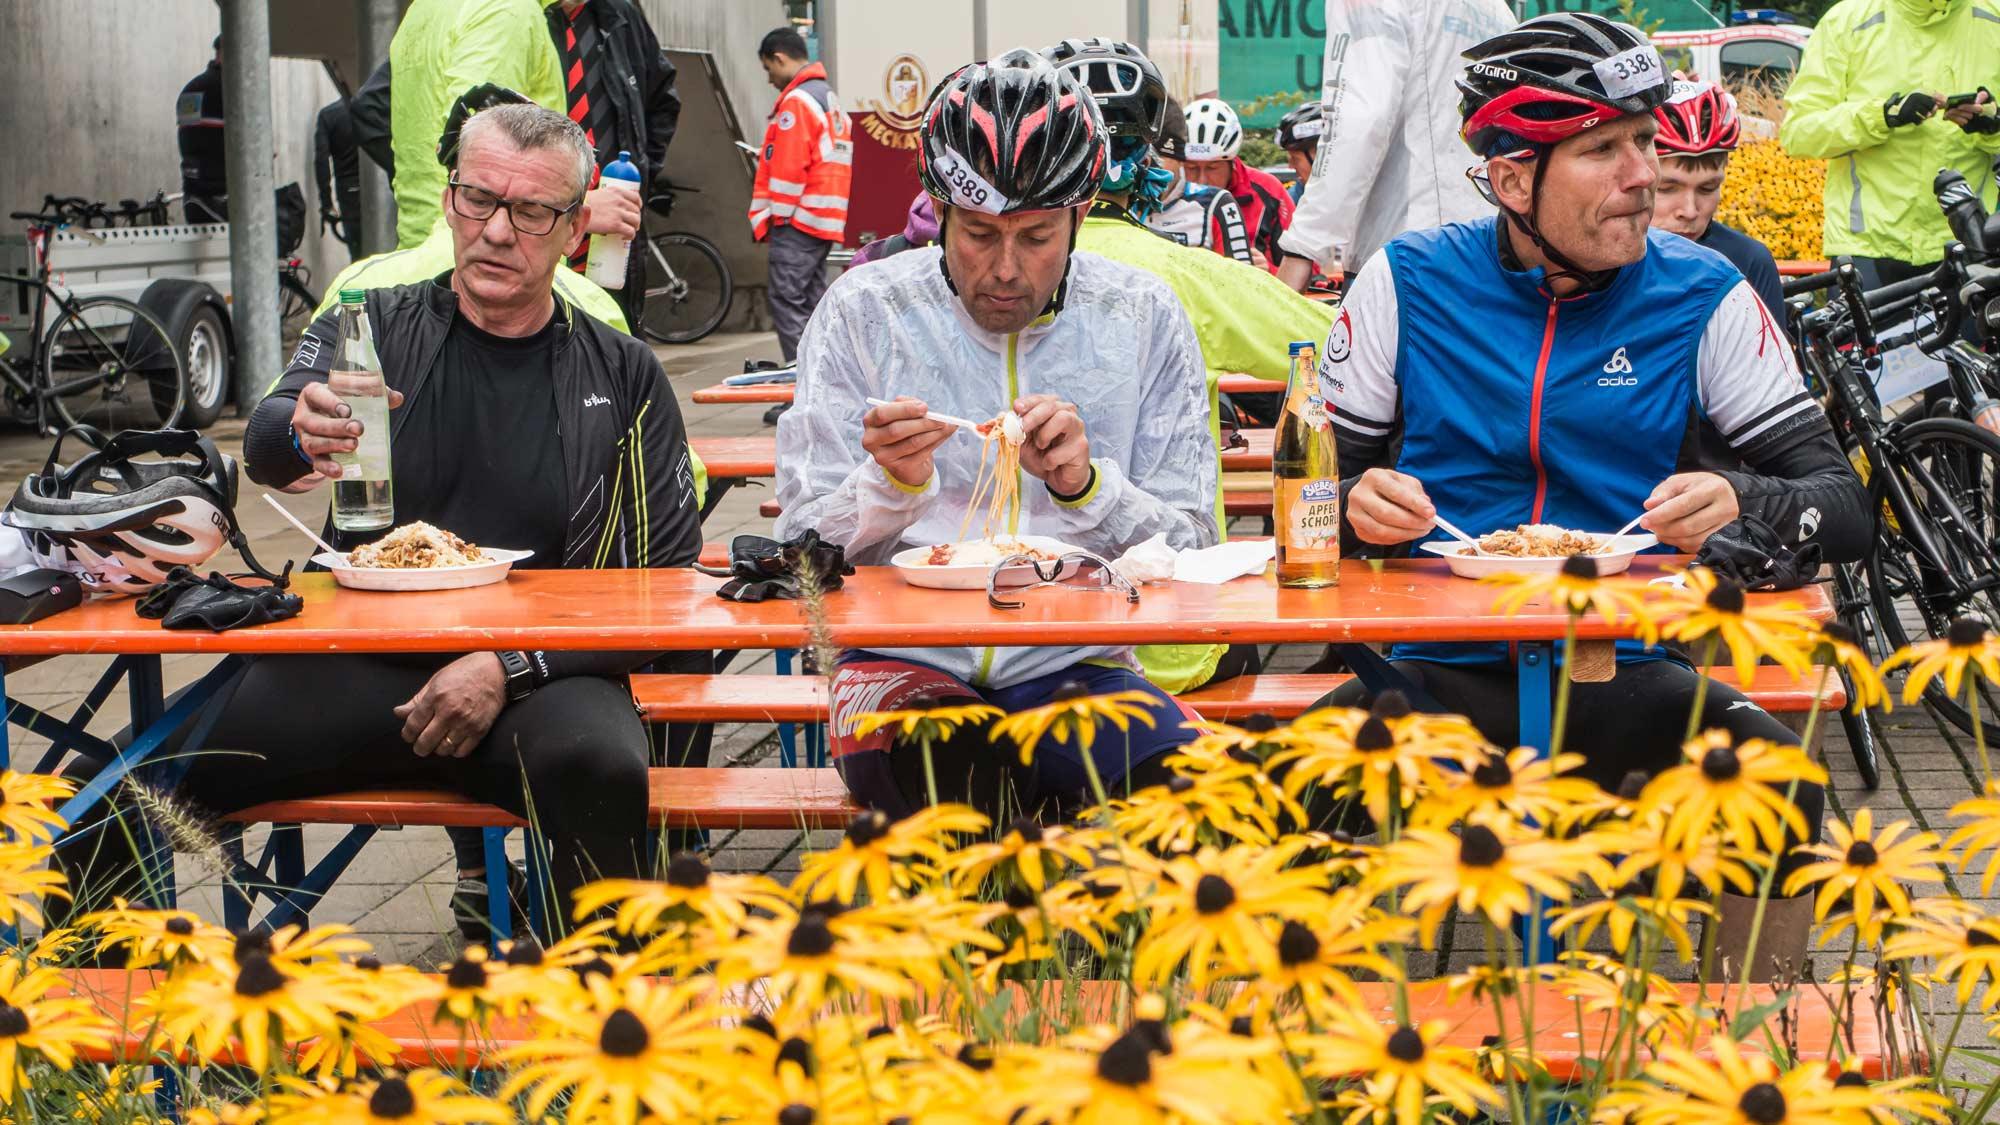 Rennradfahrer essen Pasta